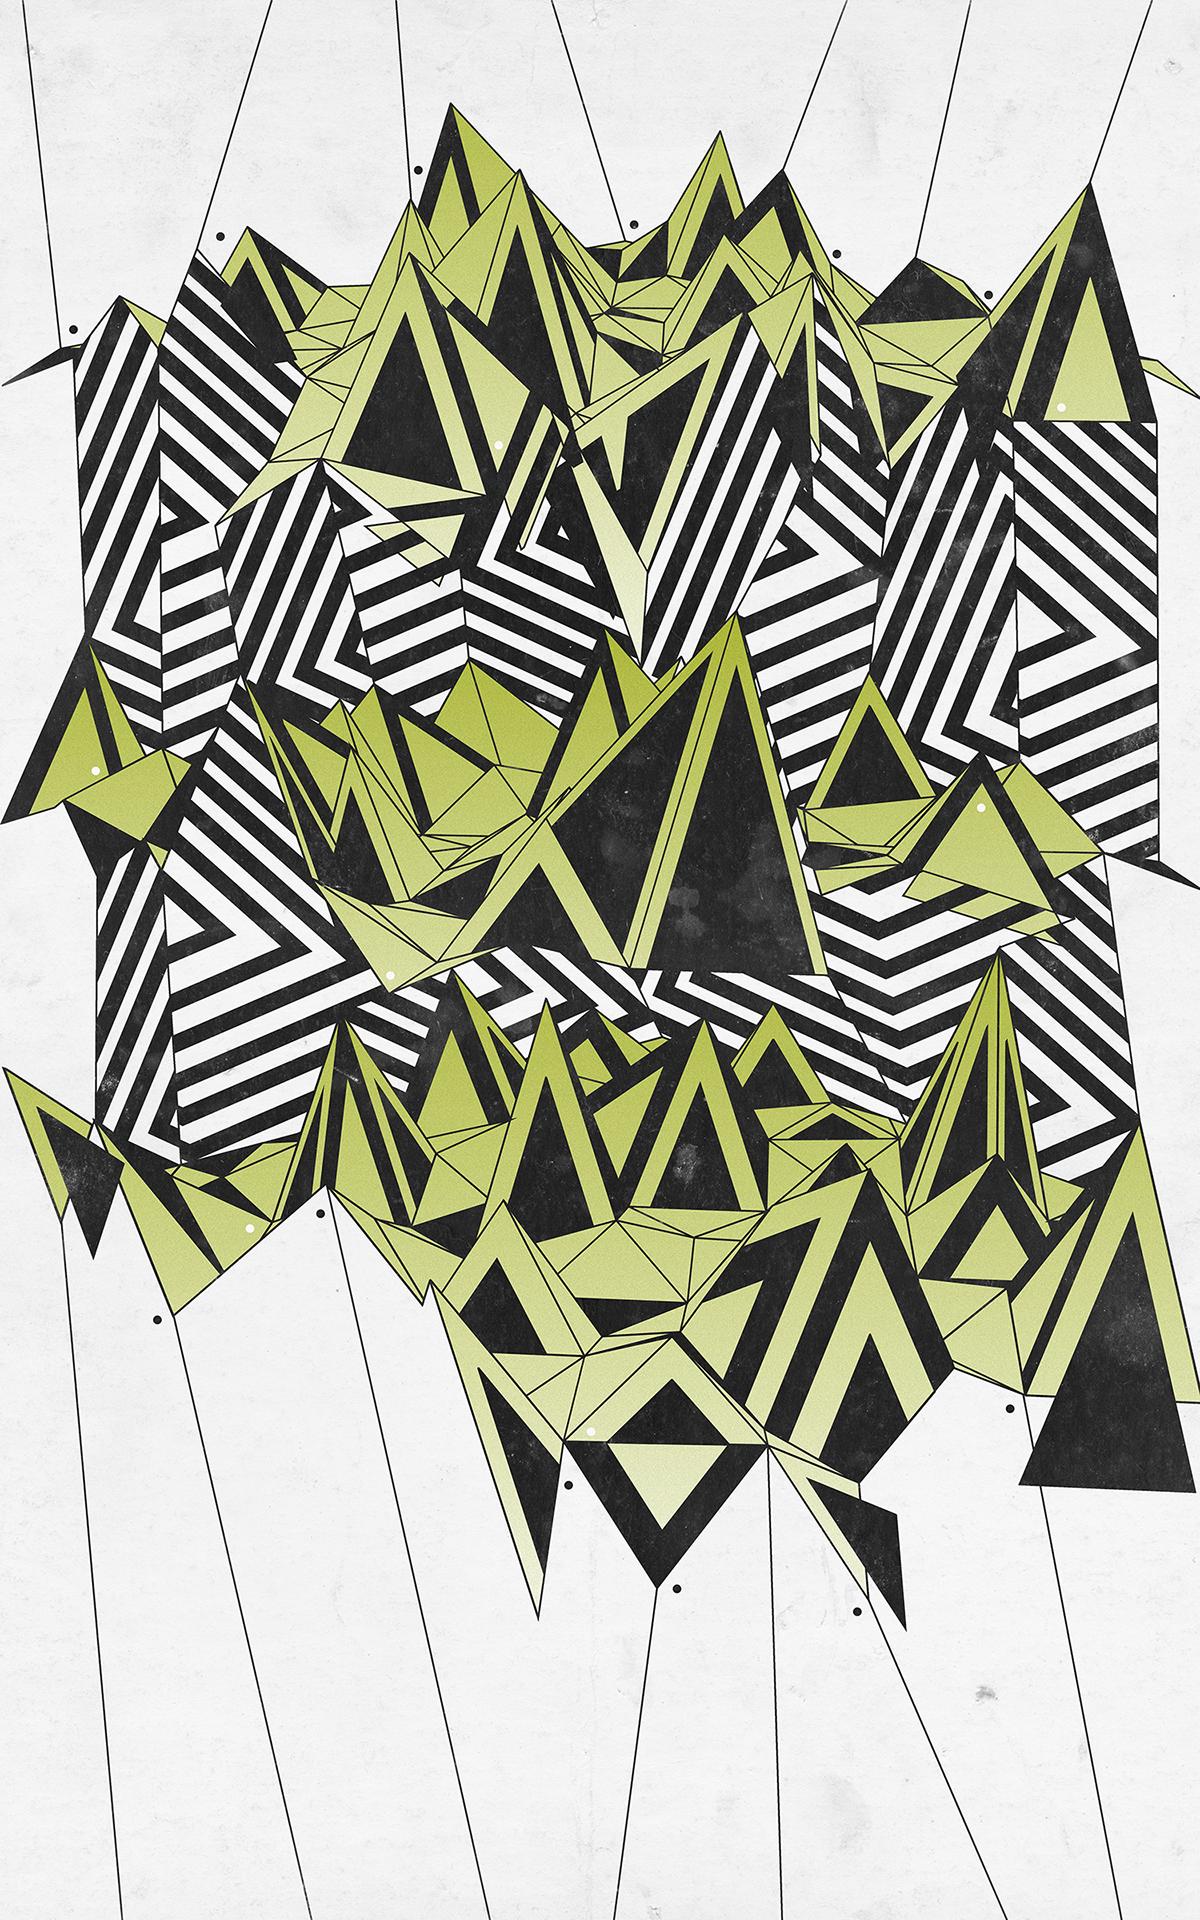 Adobe Portfolio abstract los andes Pablo E. Peña P3P510 constructivism Timotes neo-plasticism